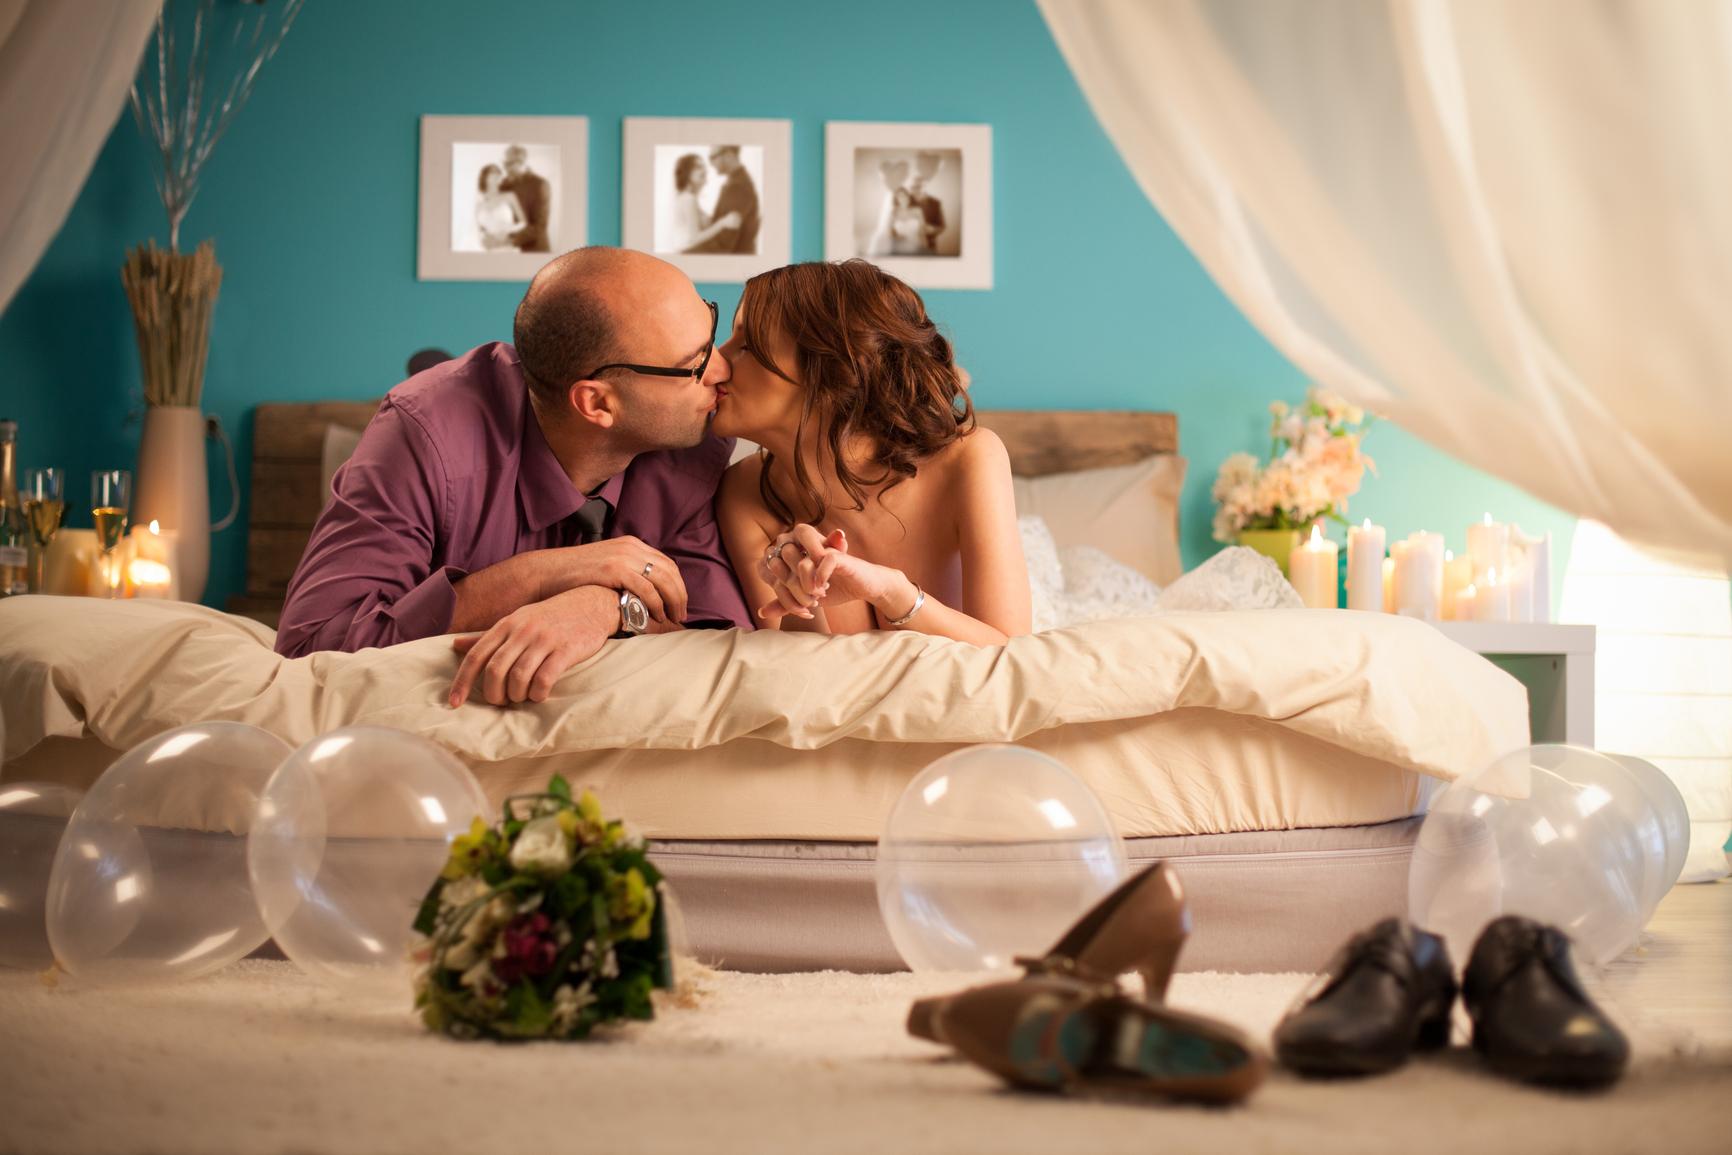 Первая брачная ночь невесты онлайн, рука и предметы в жопе видео